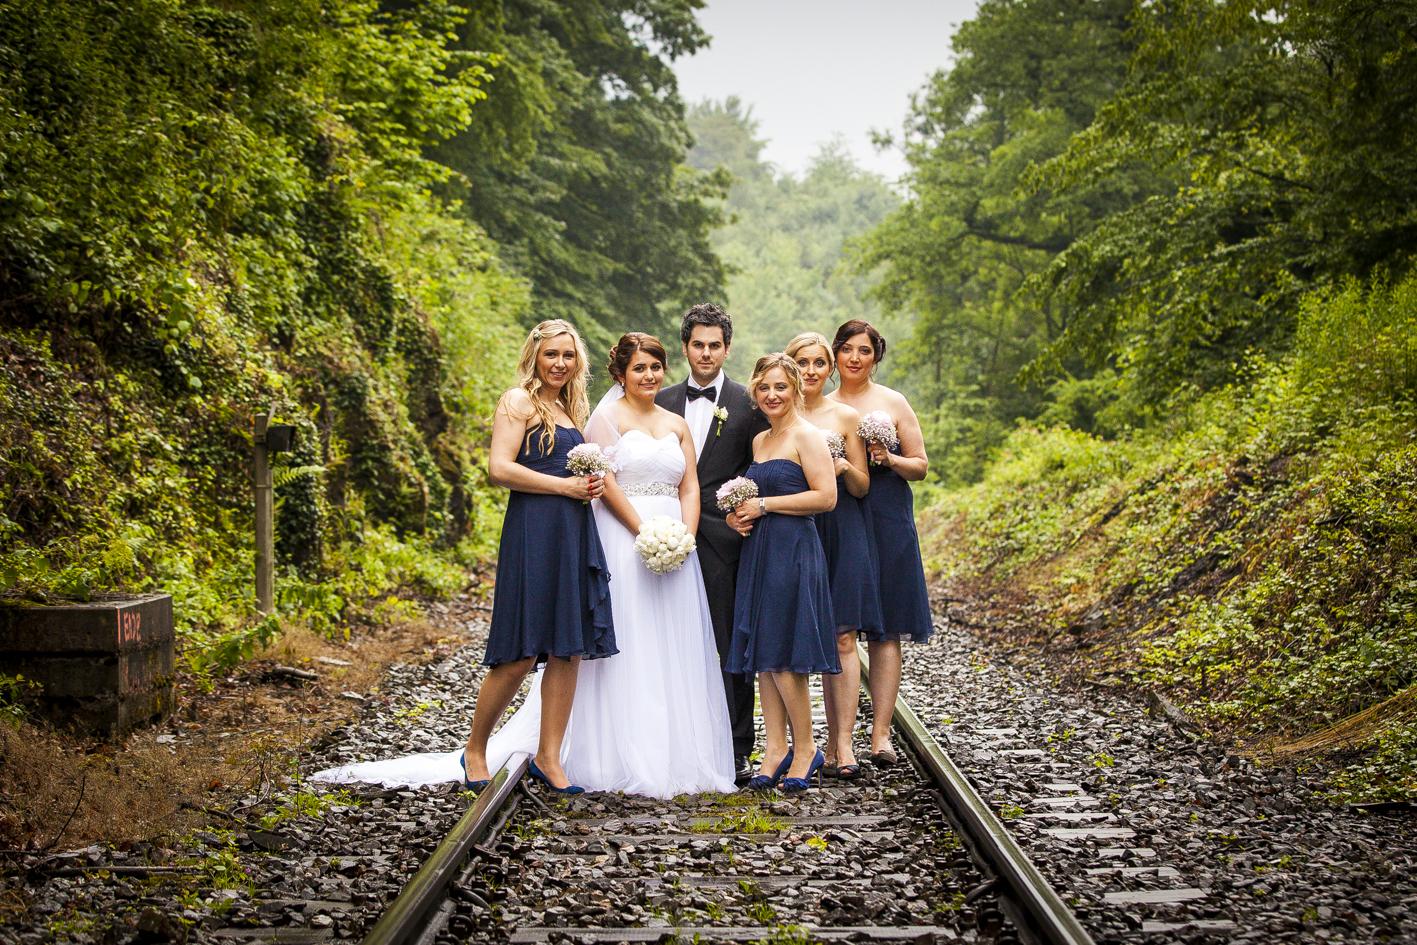 Braut mit Brautjungfern-Gleise